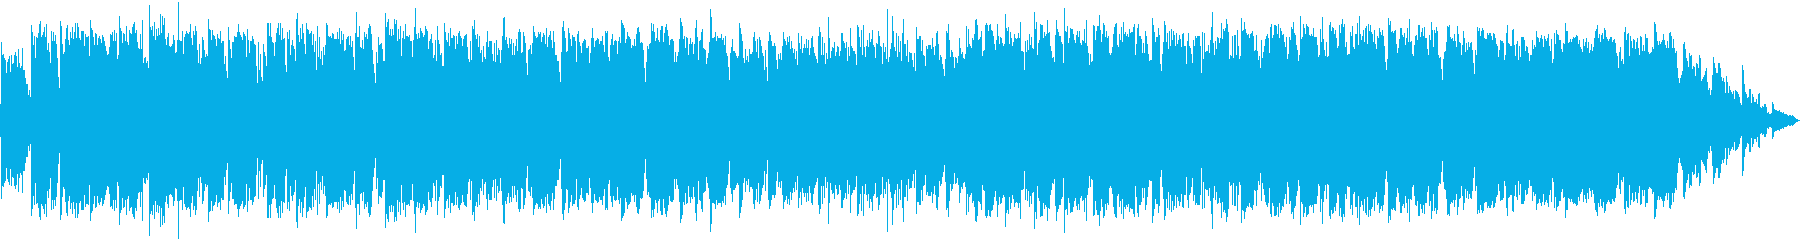 竹笛のメロディーのヒーリングミュージックの再生済みの波形